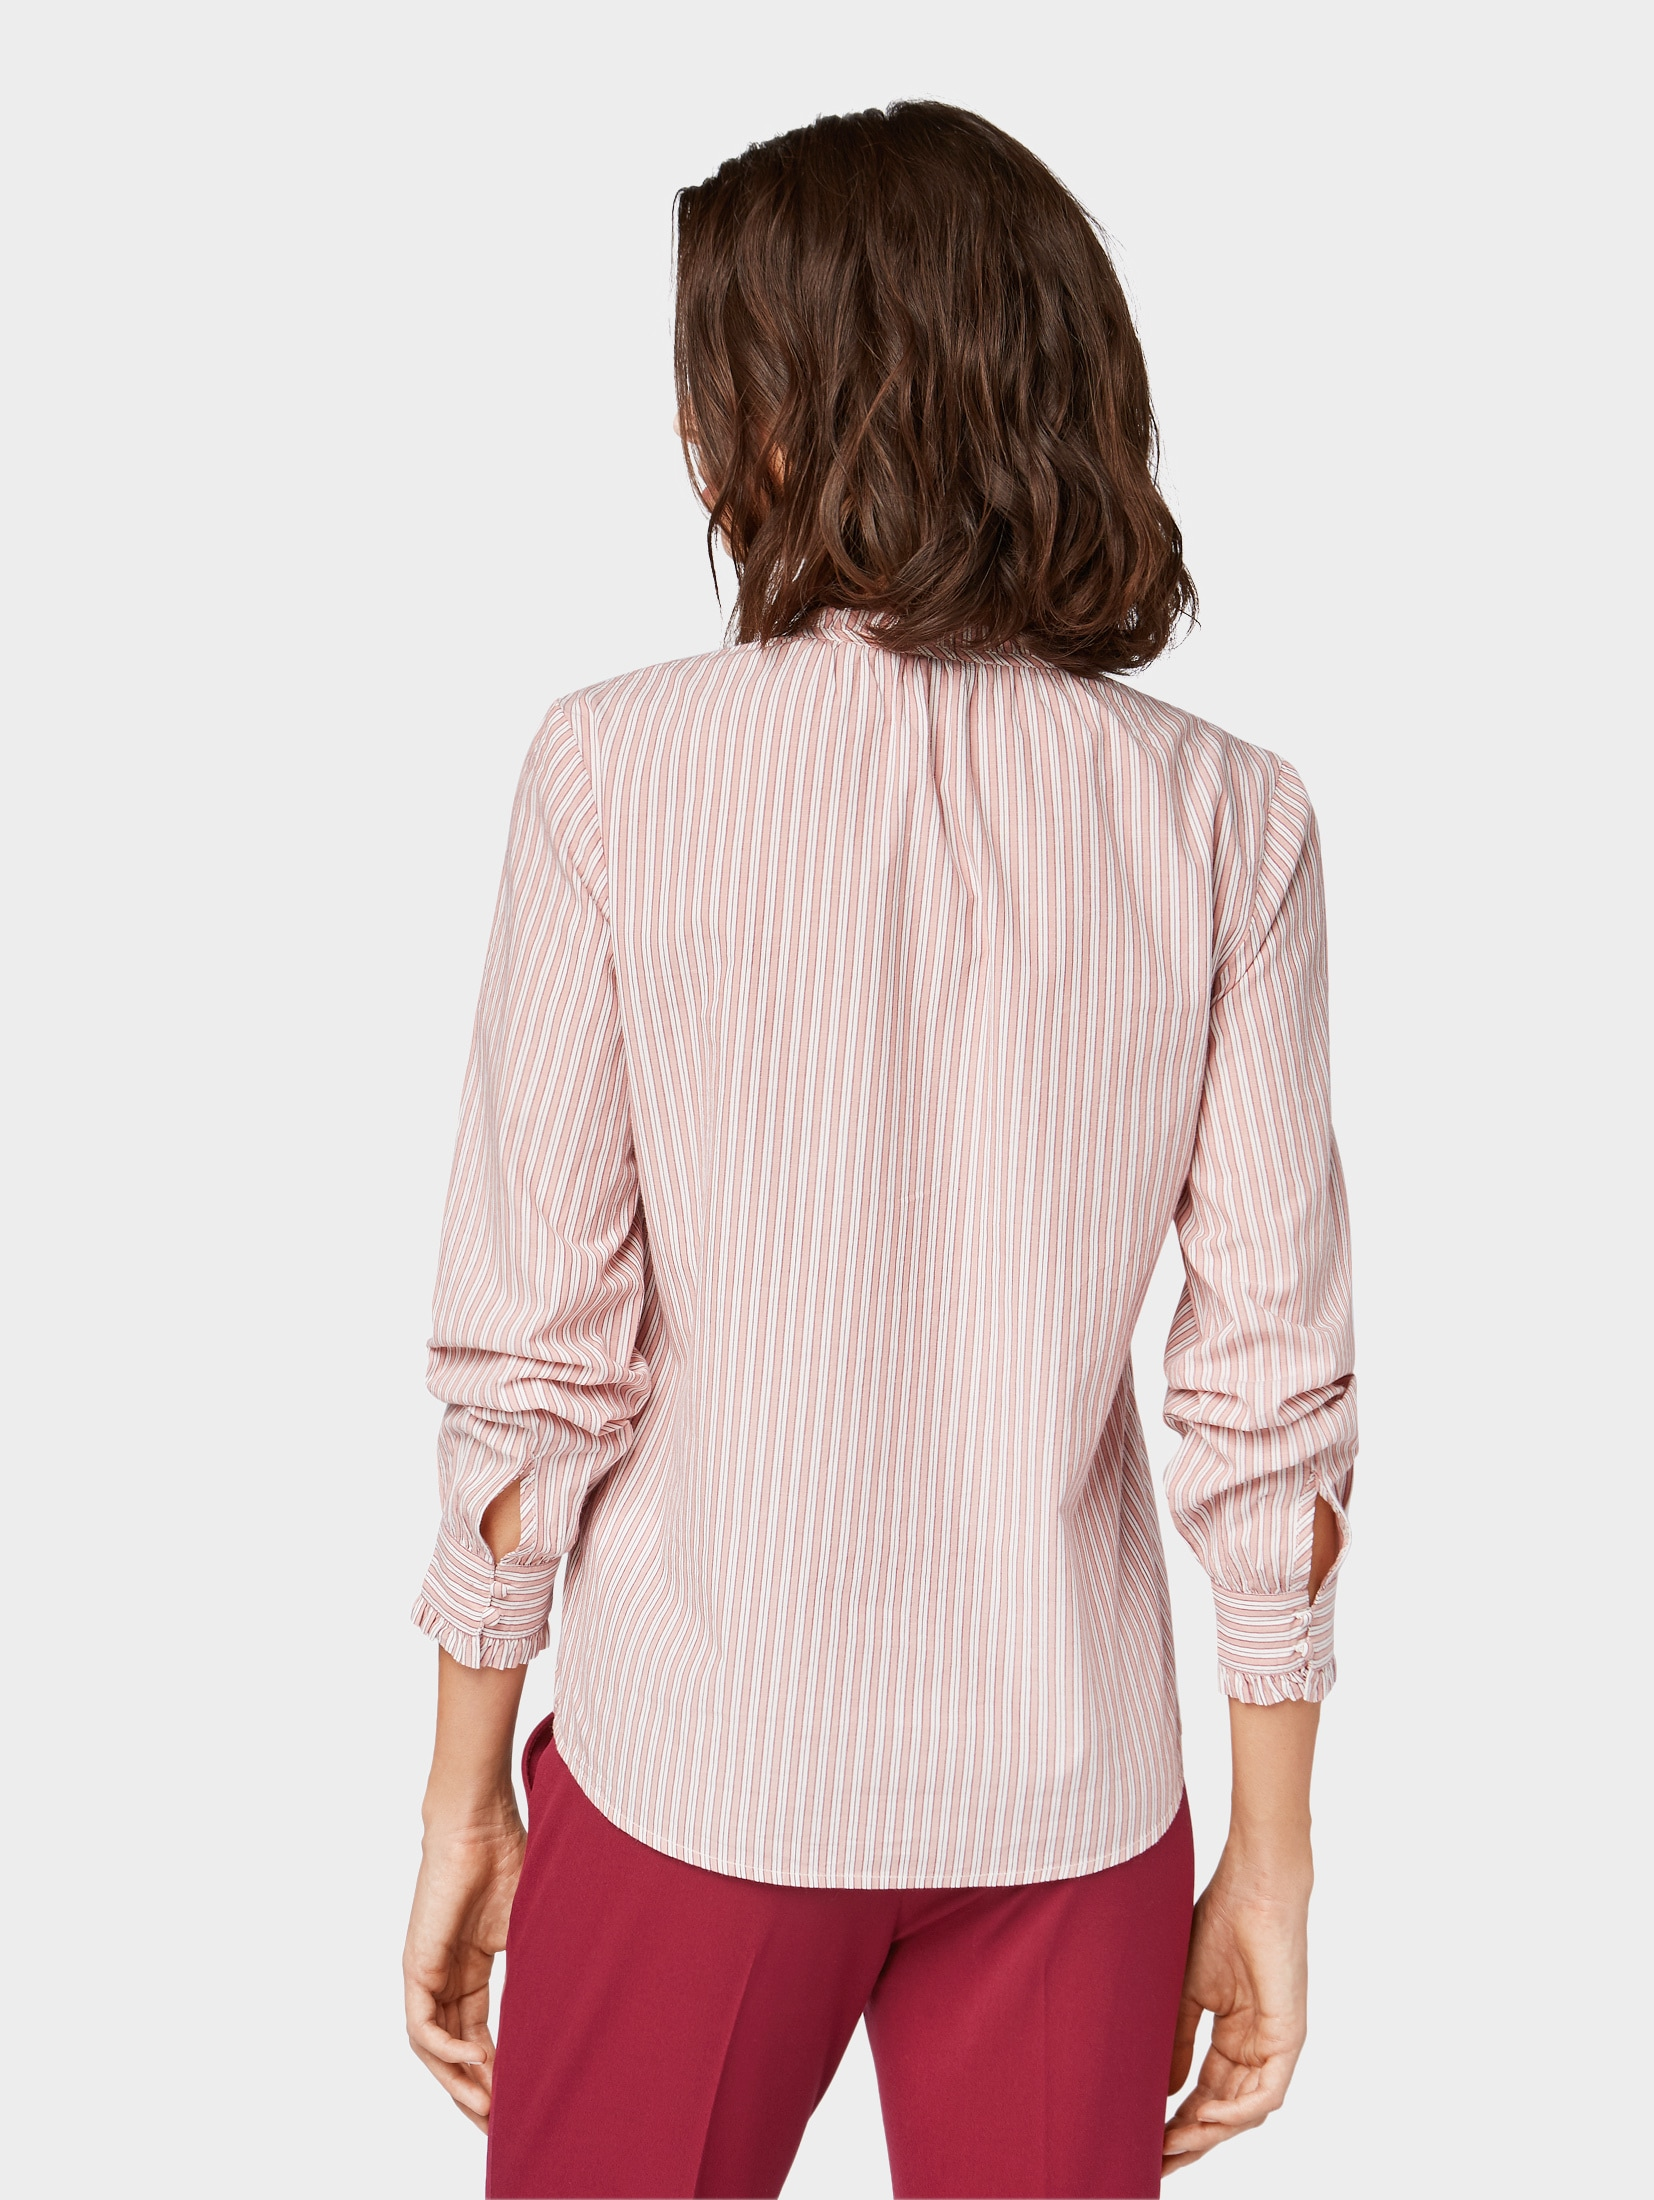 TOM TAILOR Shirtbluse Gestreifte Bluse mit Rüschen-Details